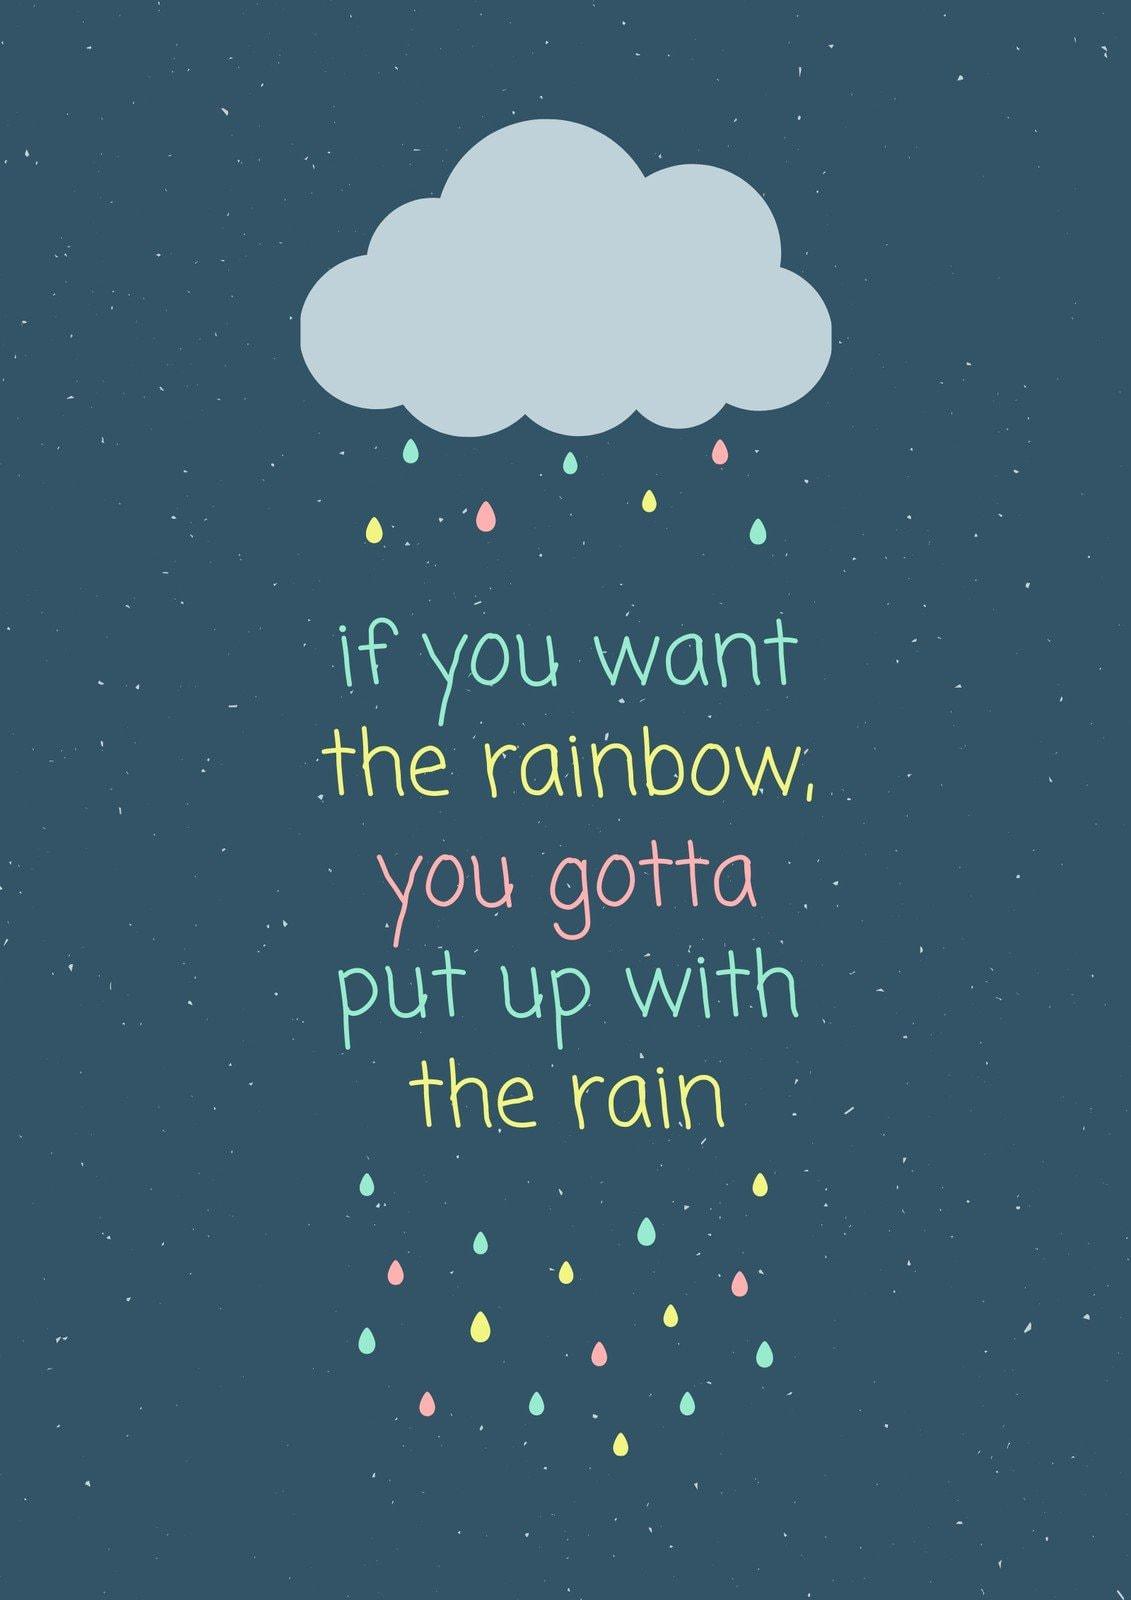 Colorful Cloud Rain Quote Portrait Poster